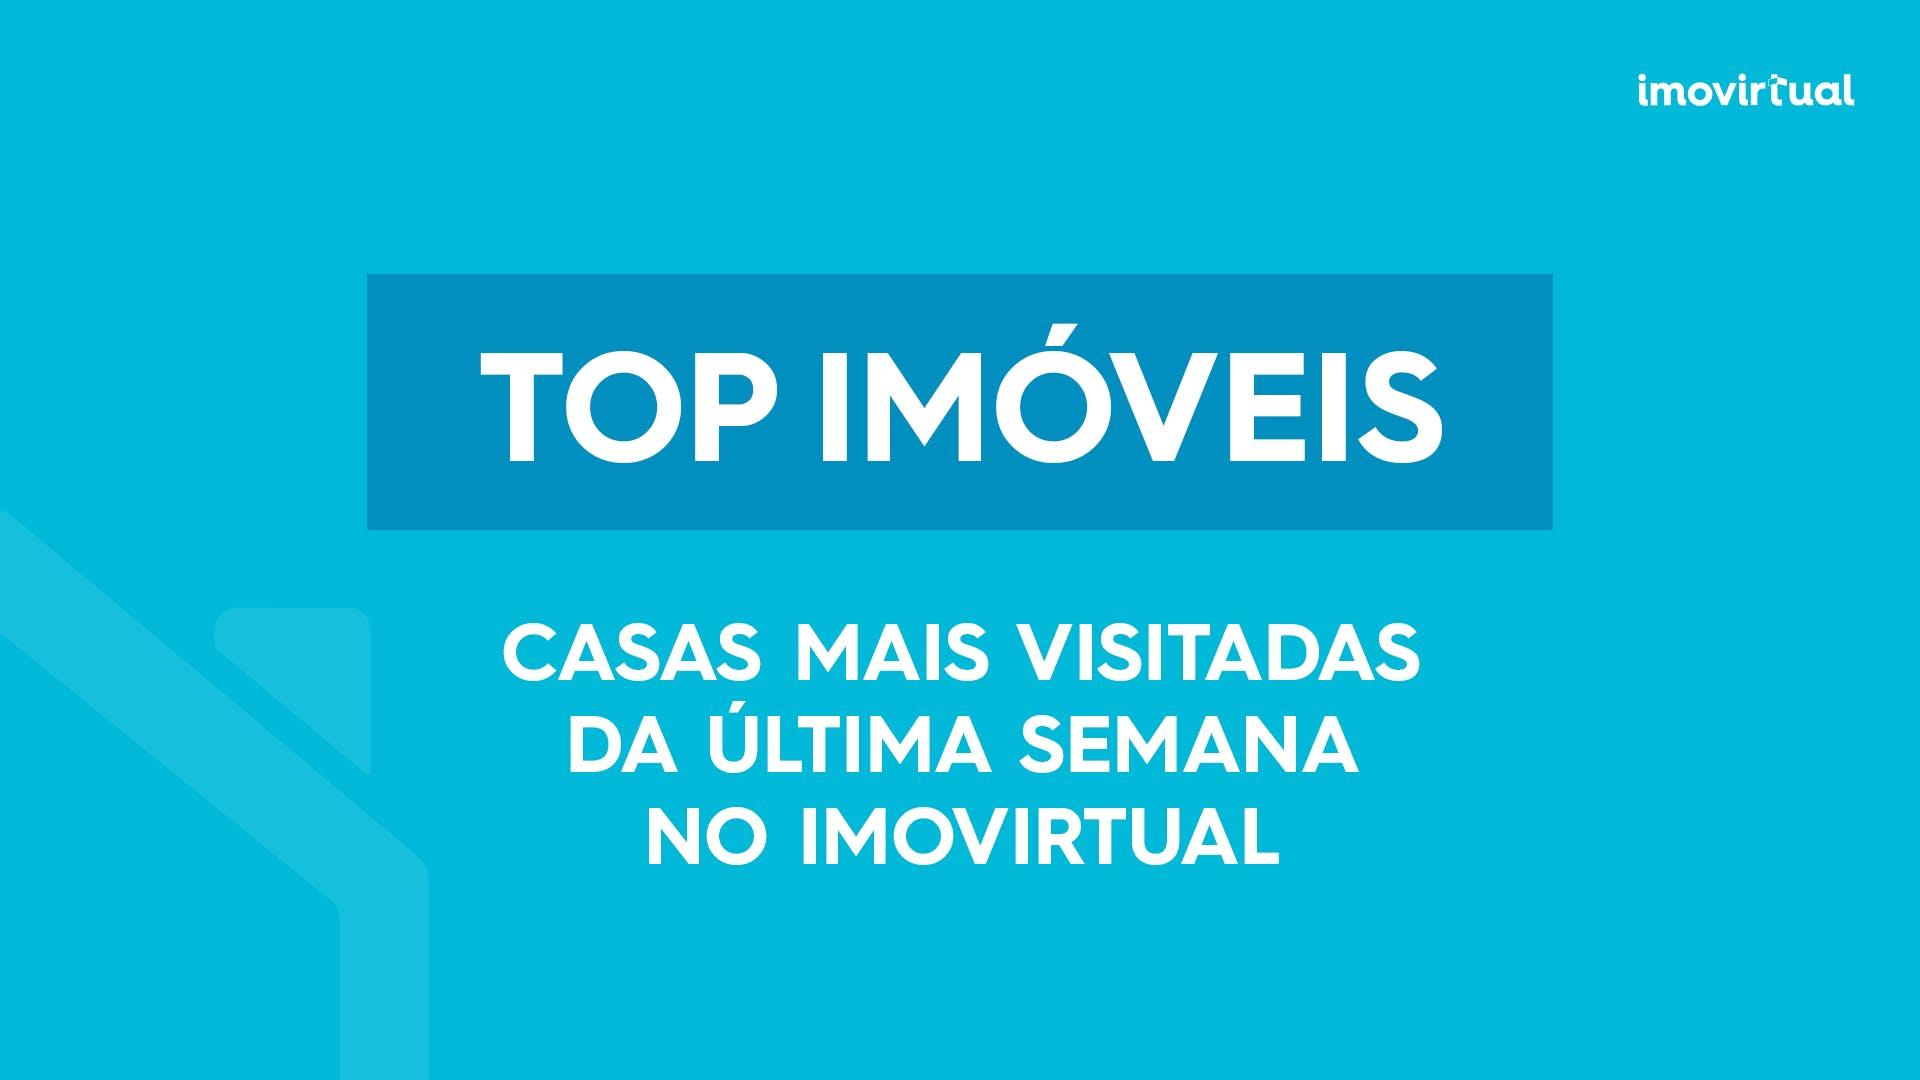 As moradias e apartamentos para venda mais visitadas na última semana no Imovirtual